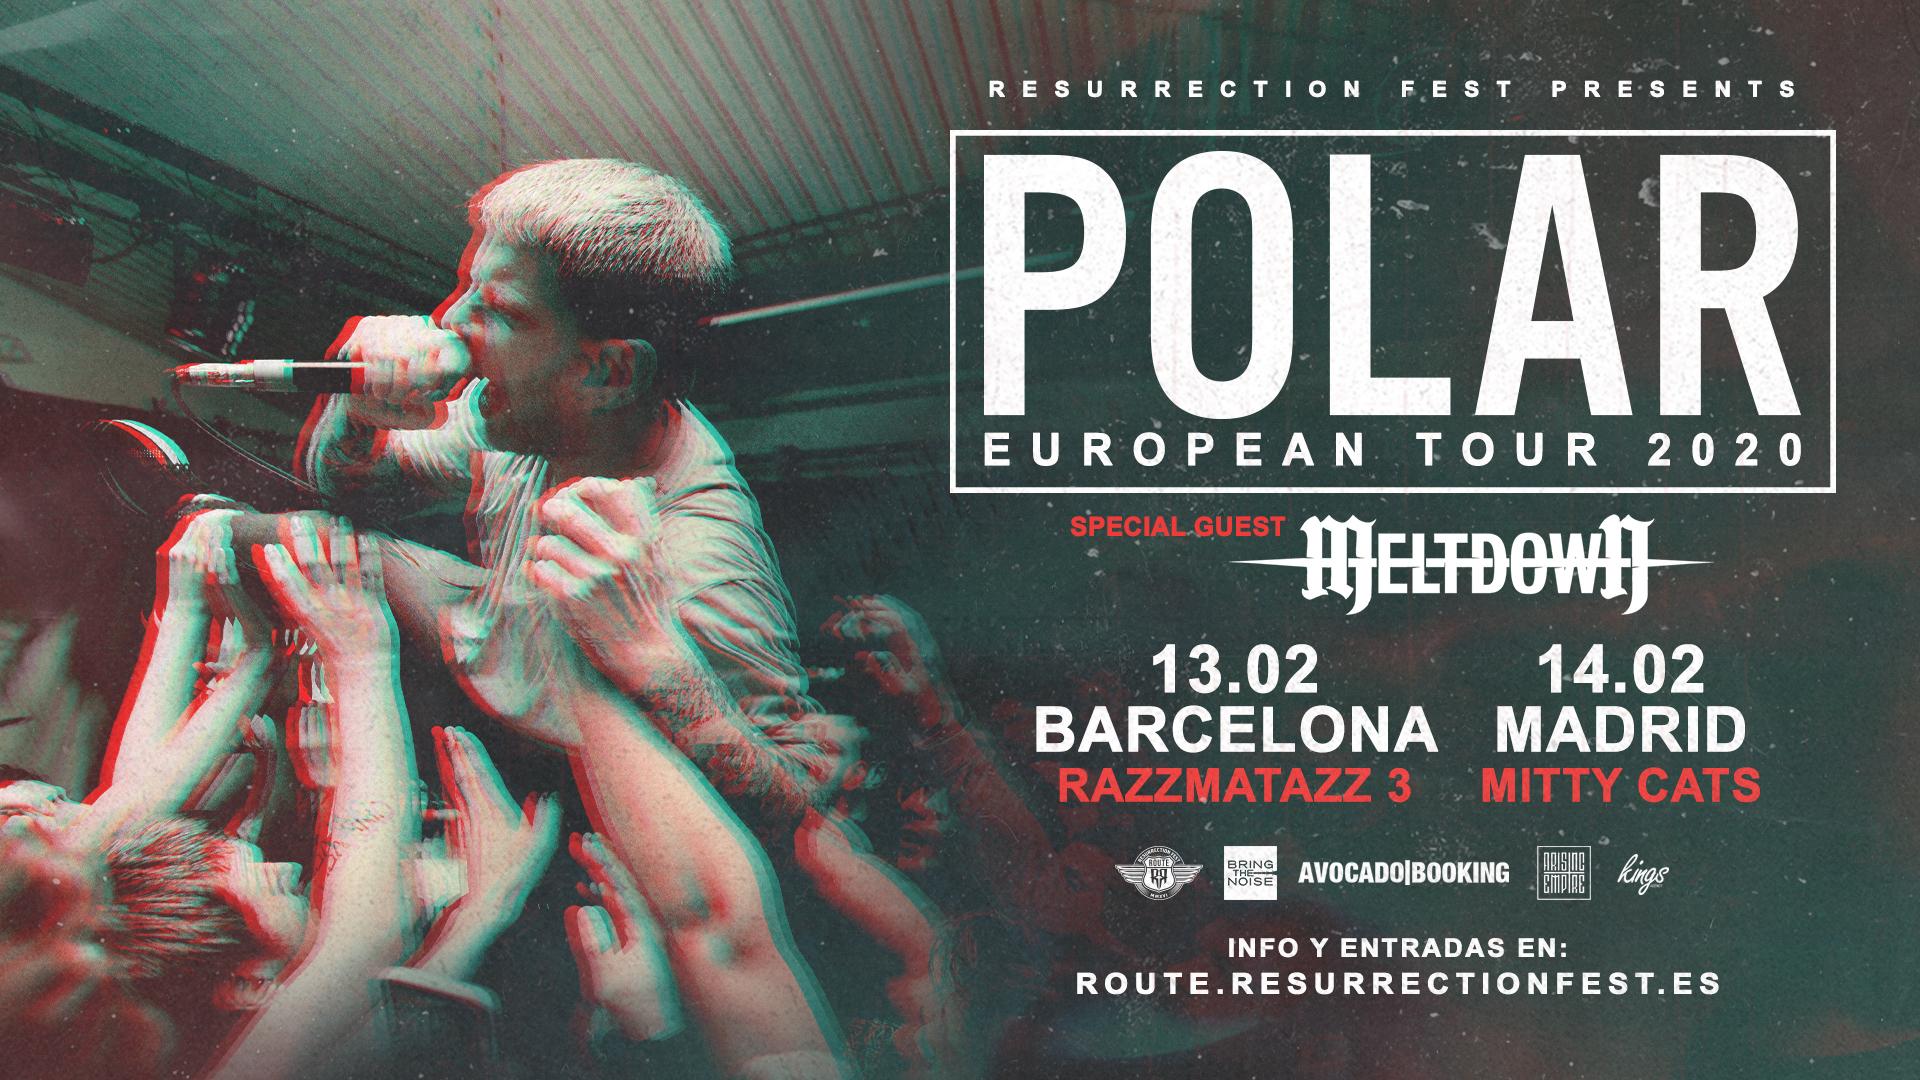 Route Resurrection Fest 2020 - Polar - Event